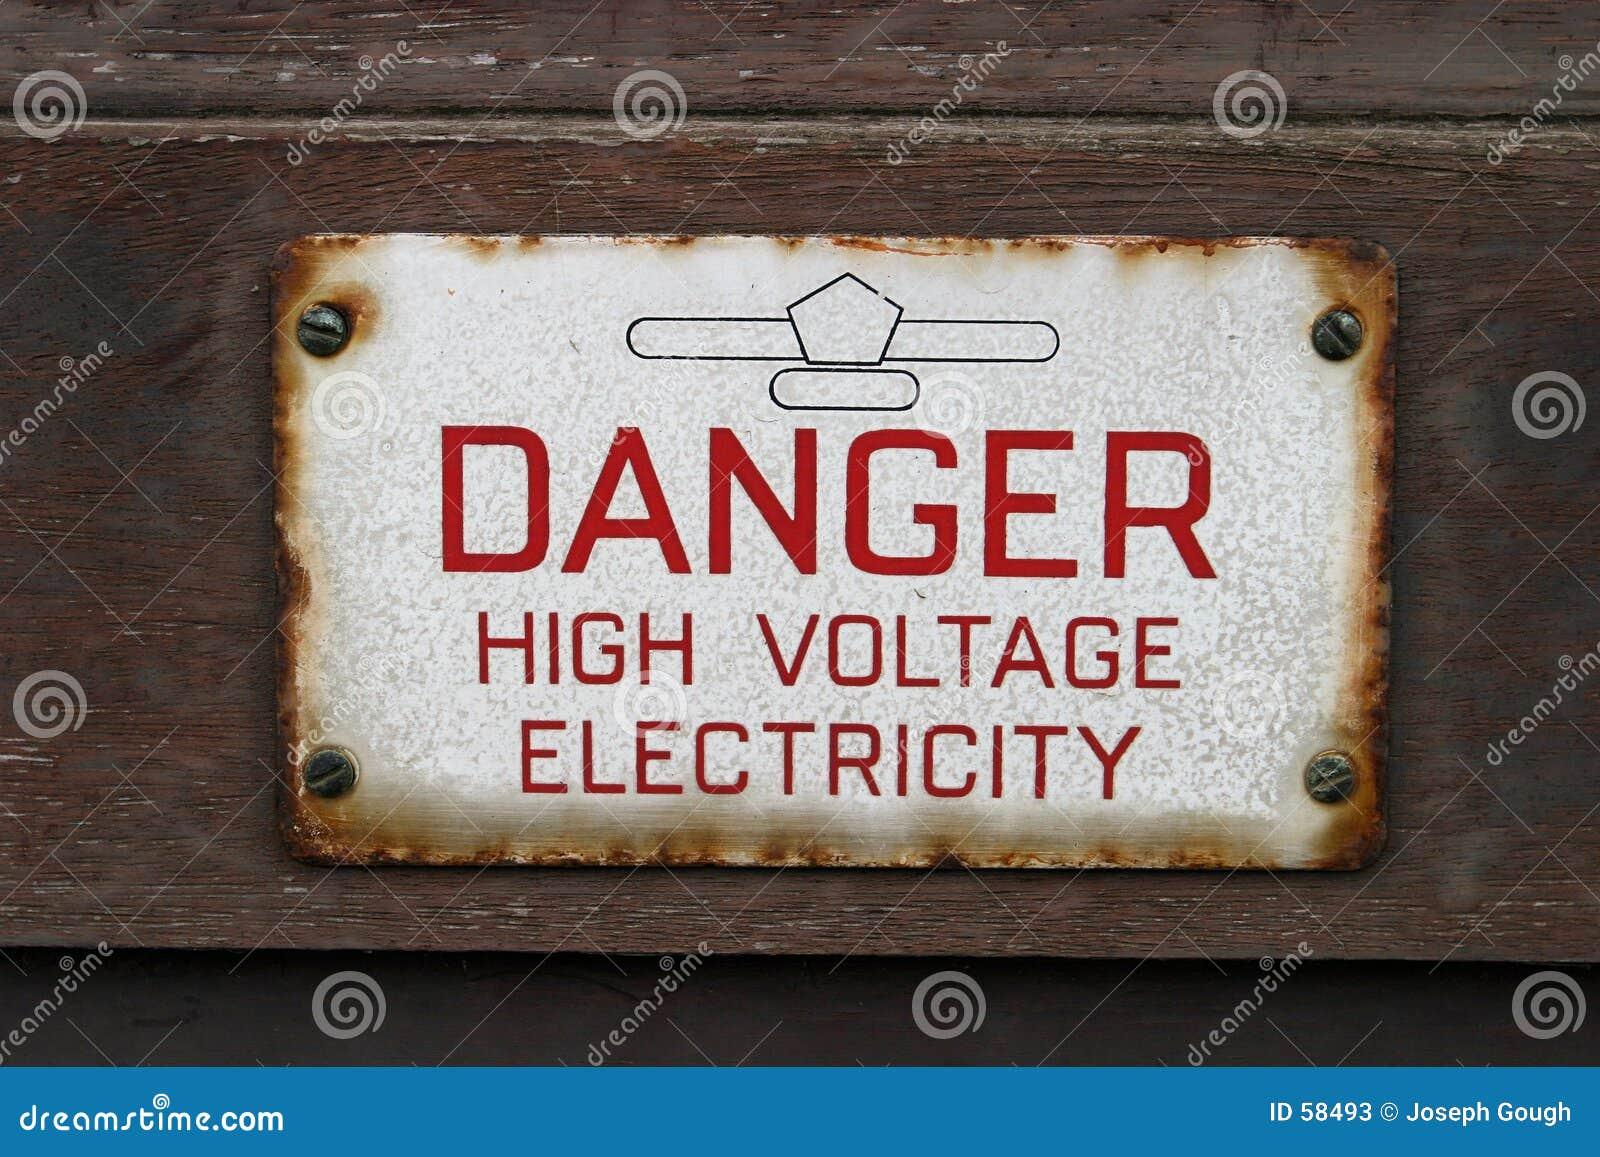 危险电暗号电压